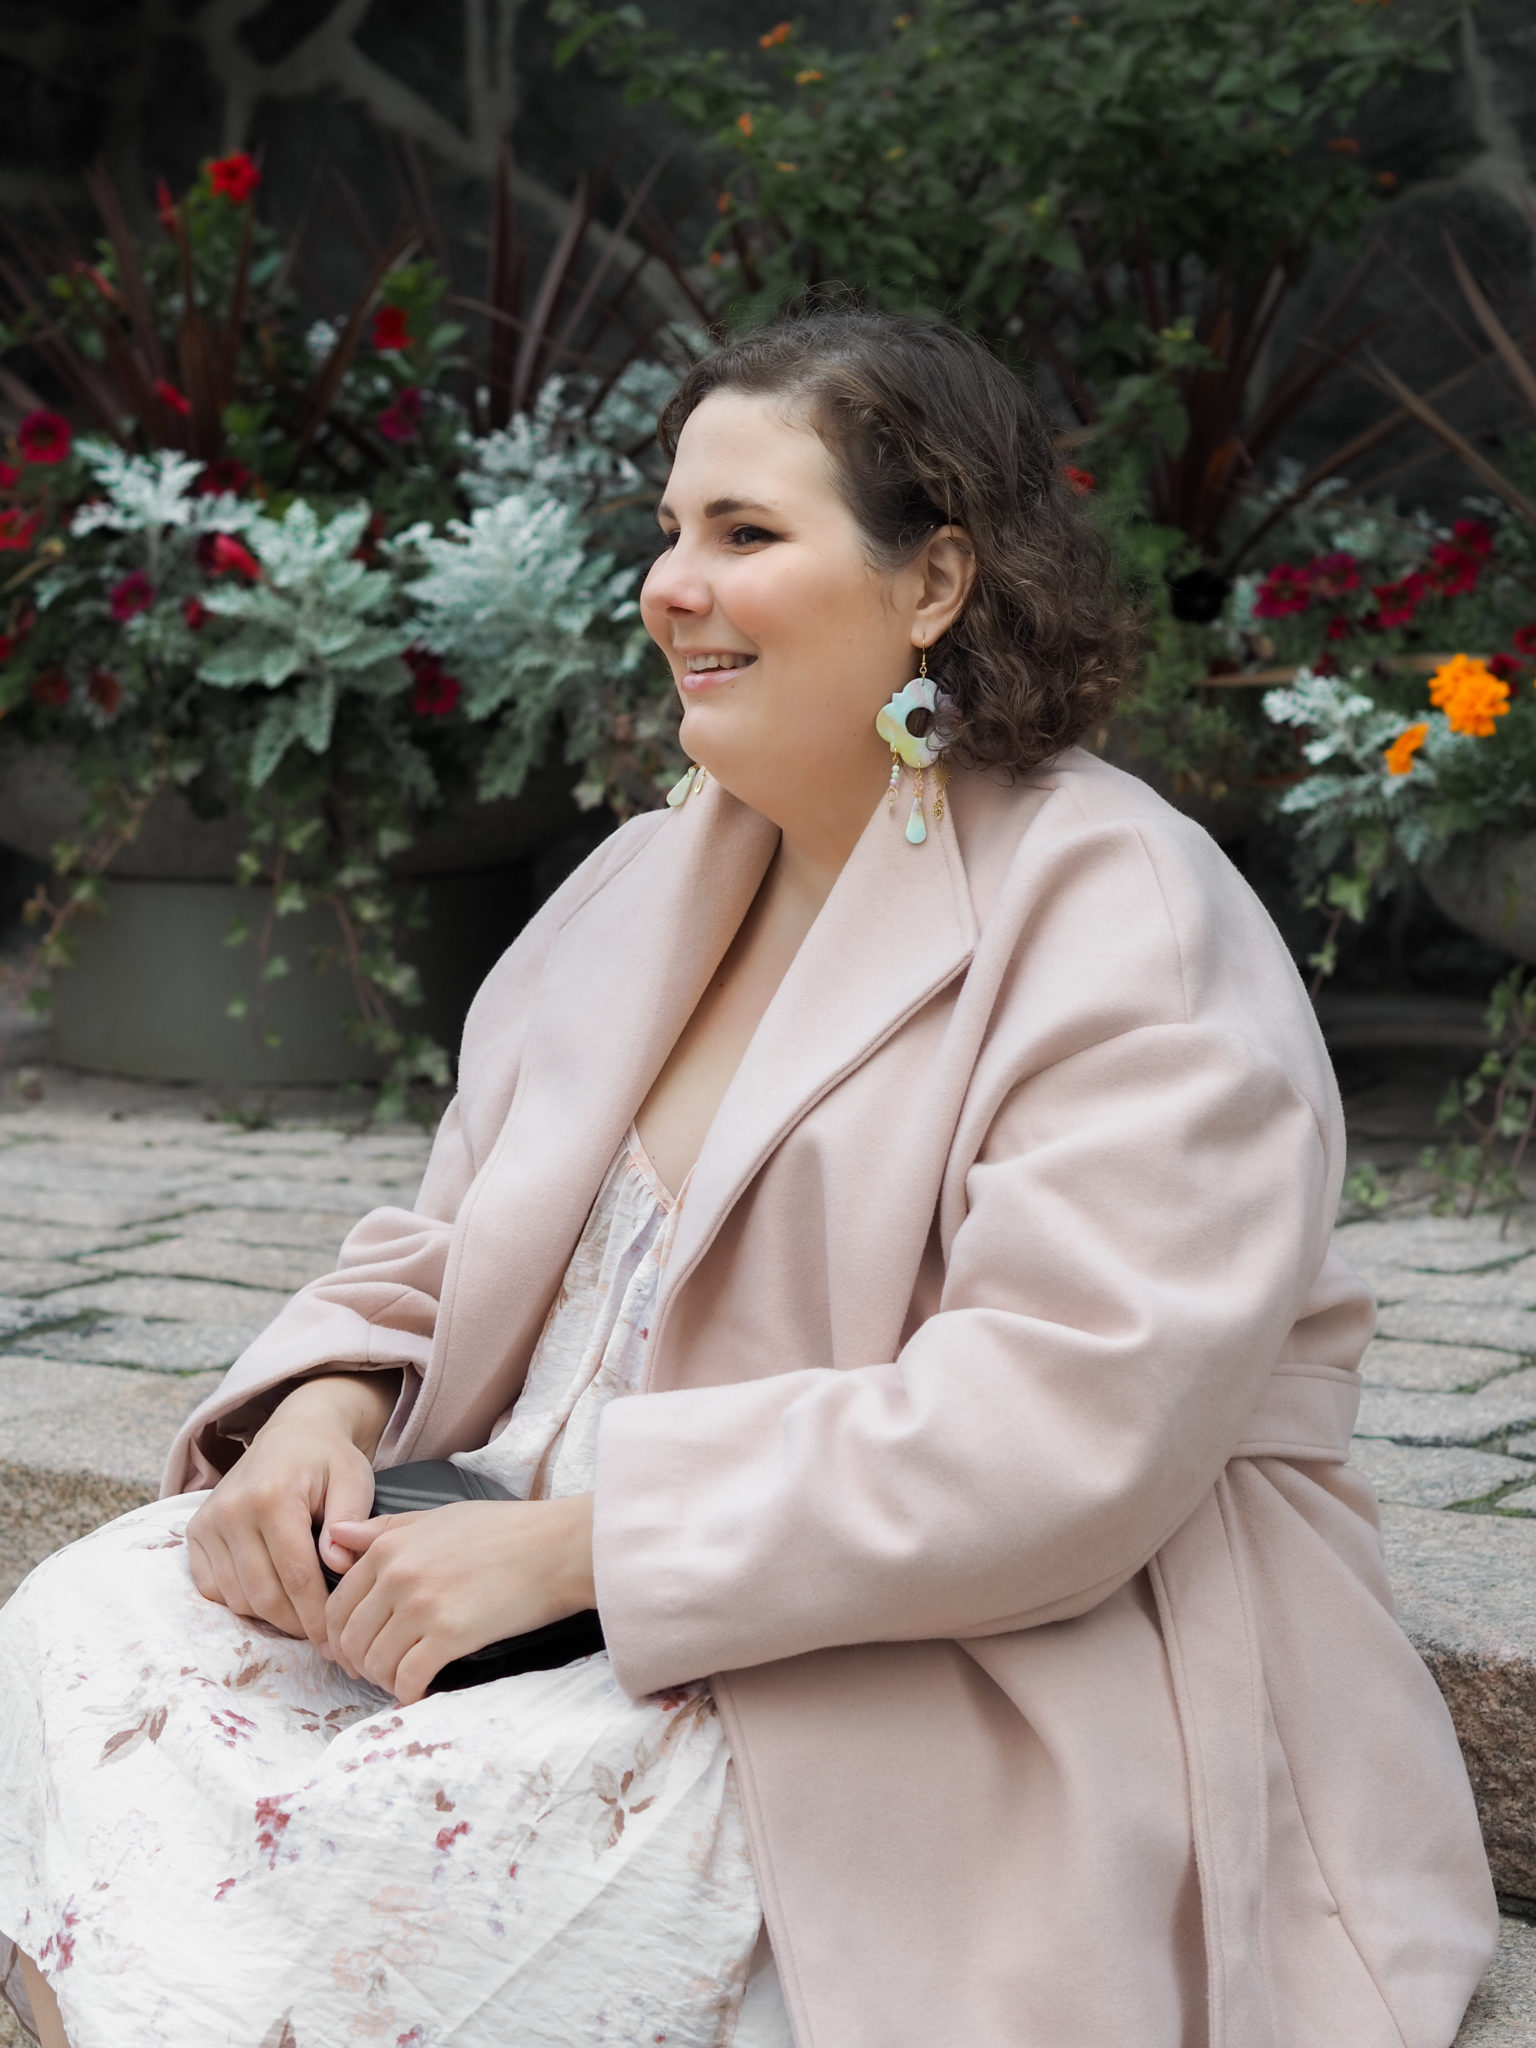 Pluskoisten juhlapukeutuminen - BMH - Big mamas home by Jenni